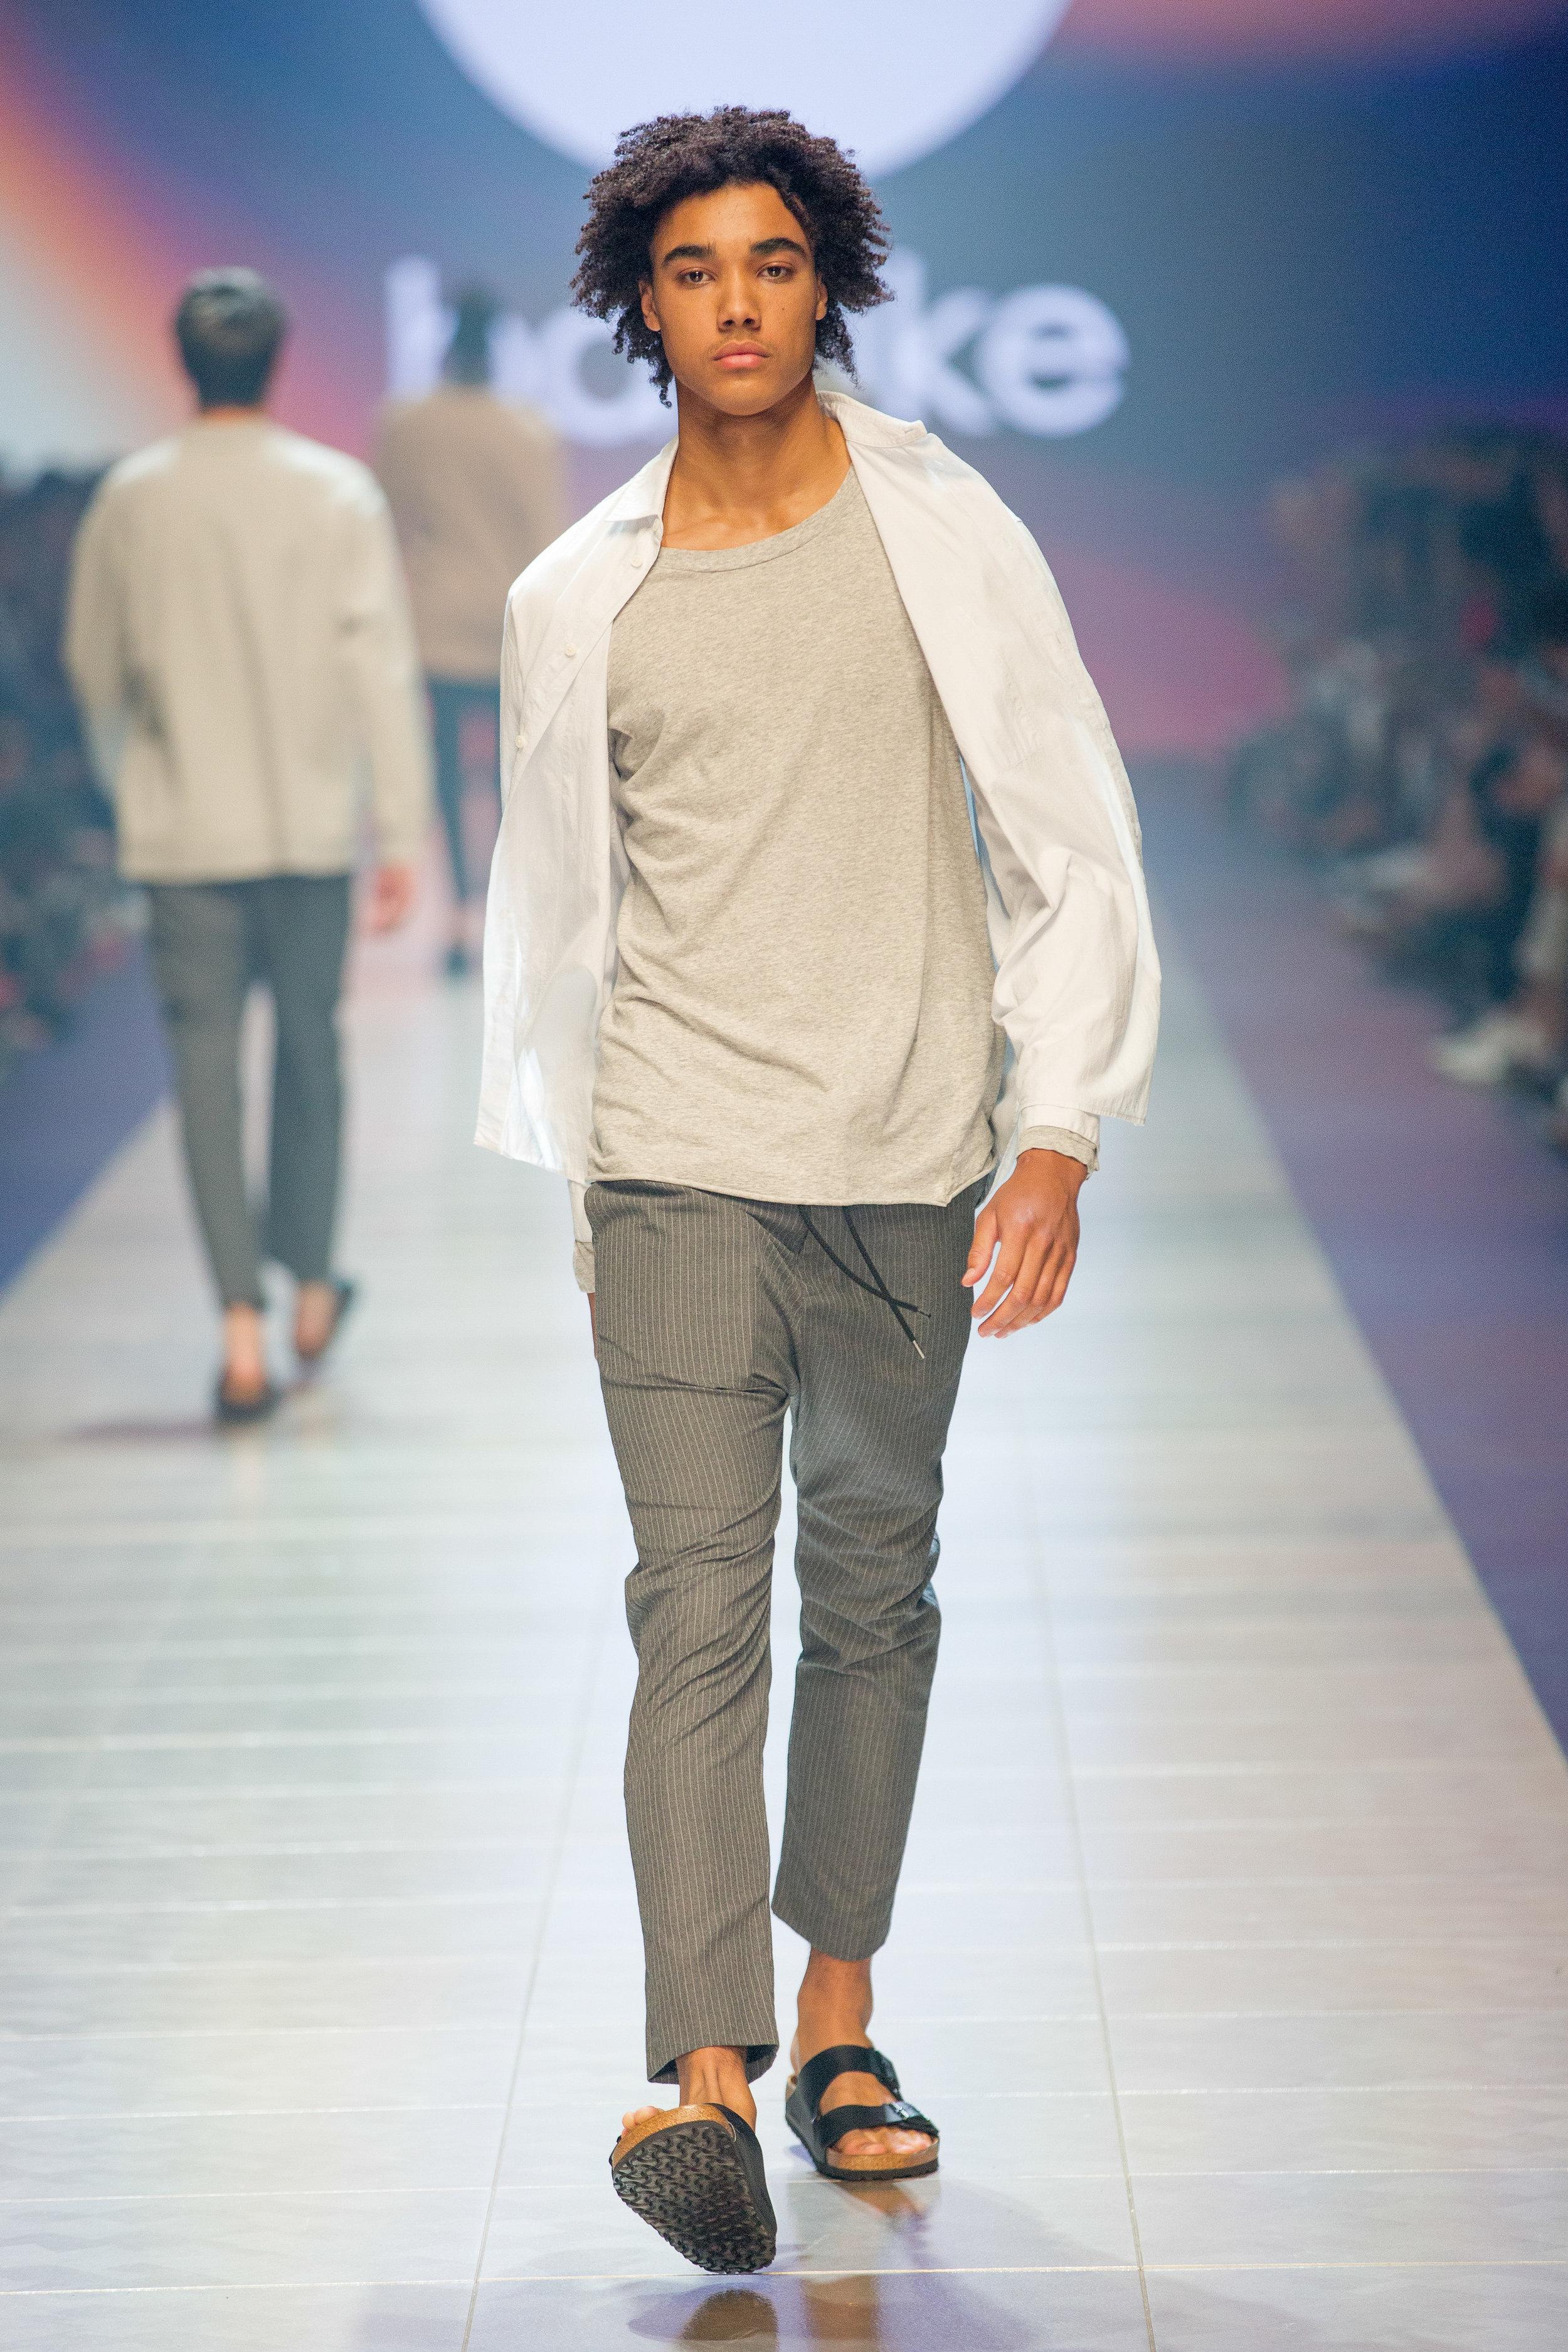 VAMFF2019_GQ Menswear-269.jpg